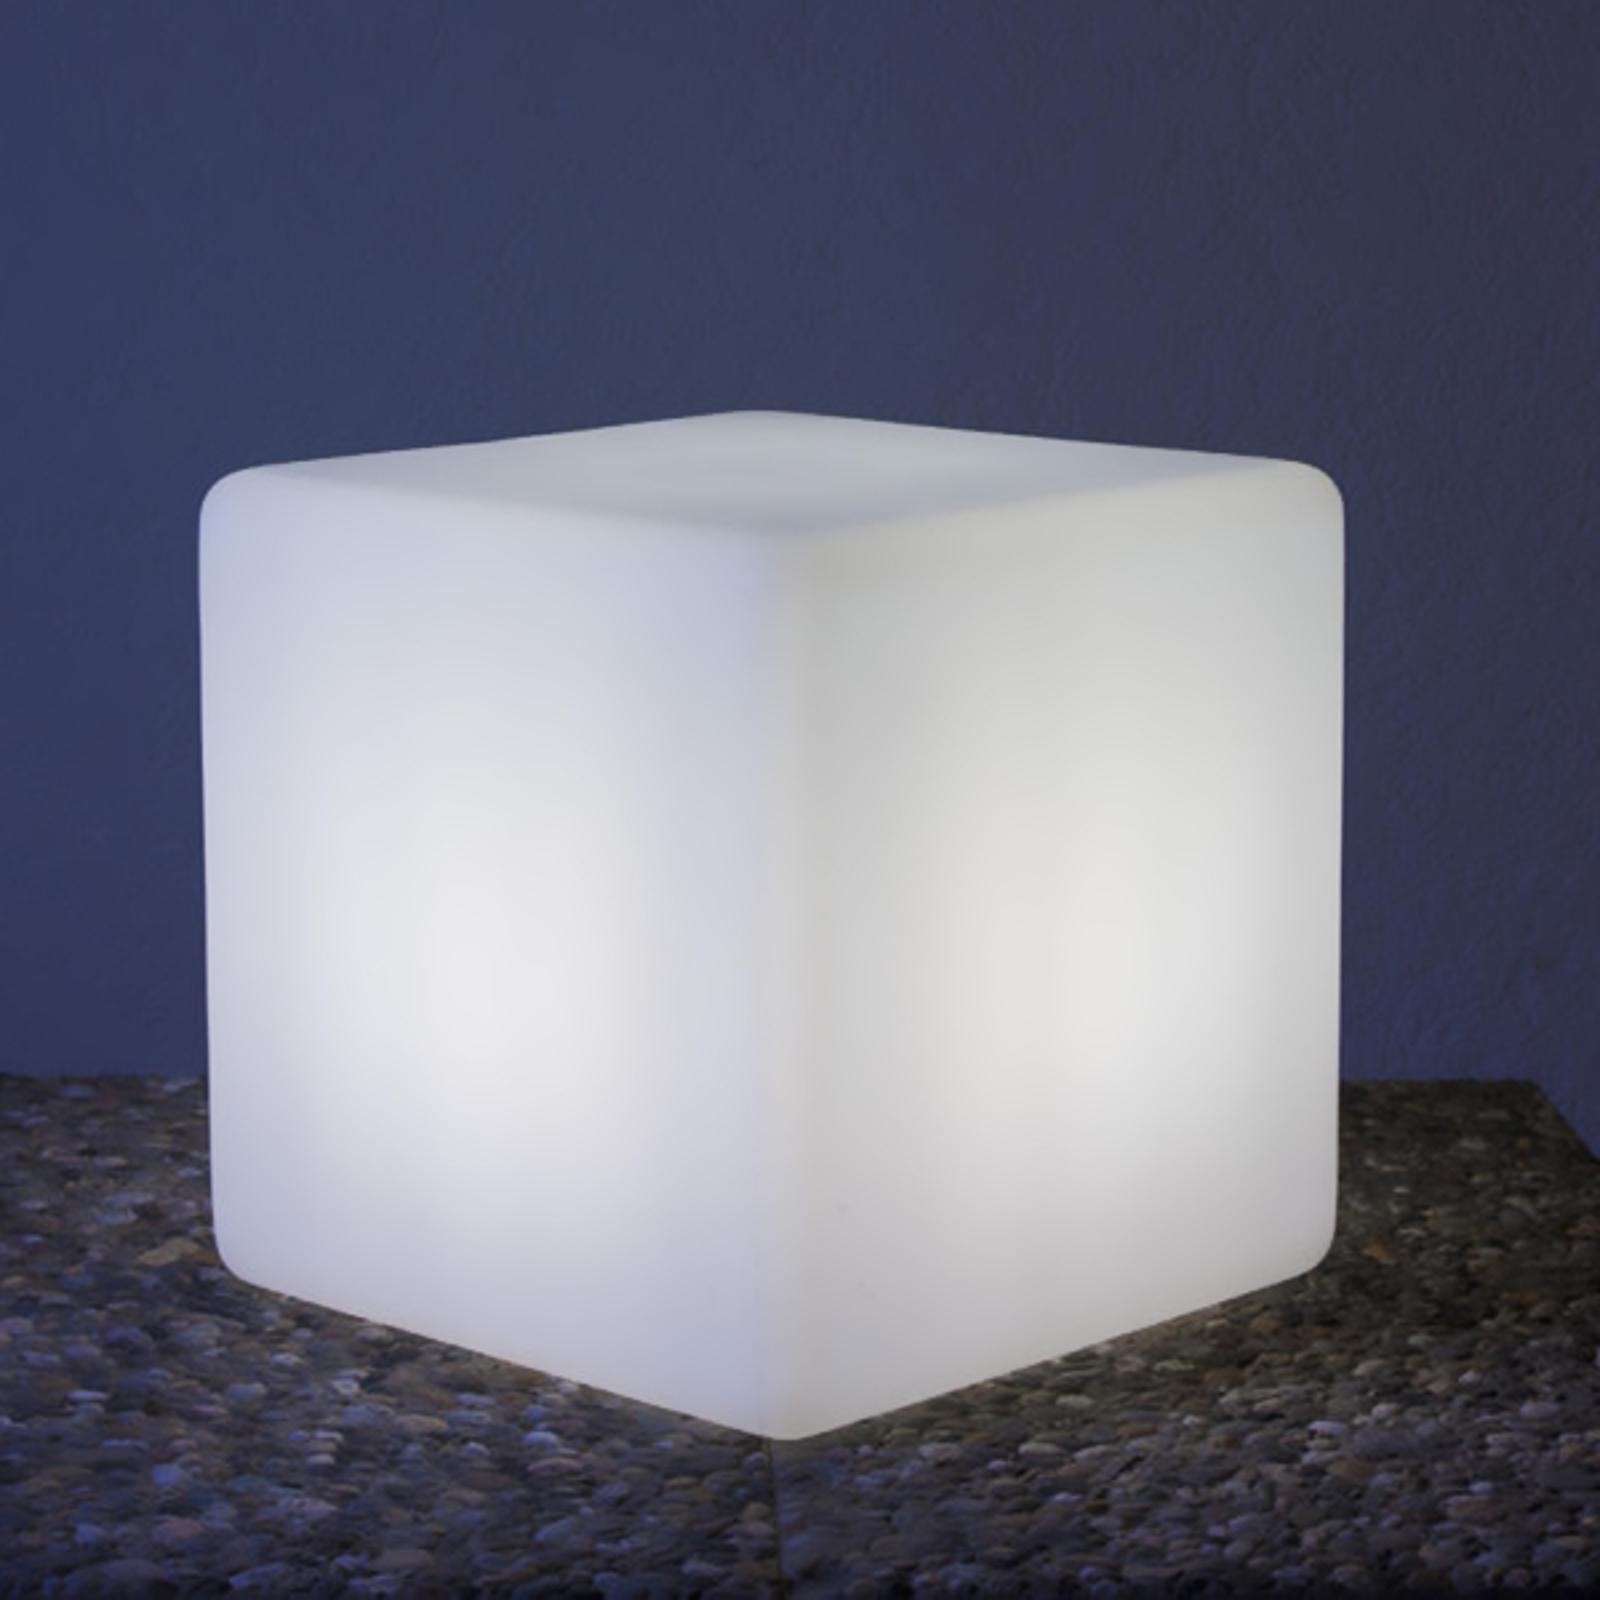 Vysokokvalitné svetlo v tvare kocky Cube_3050162_1